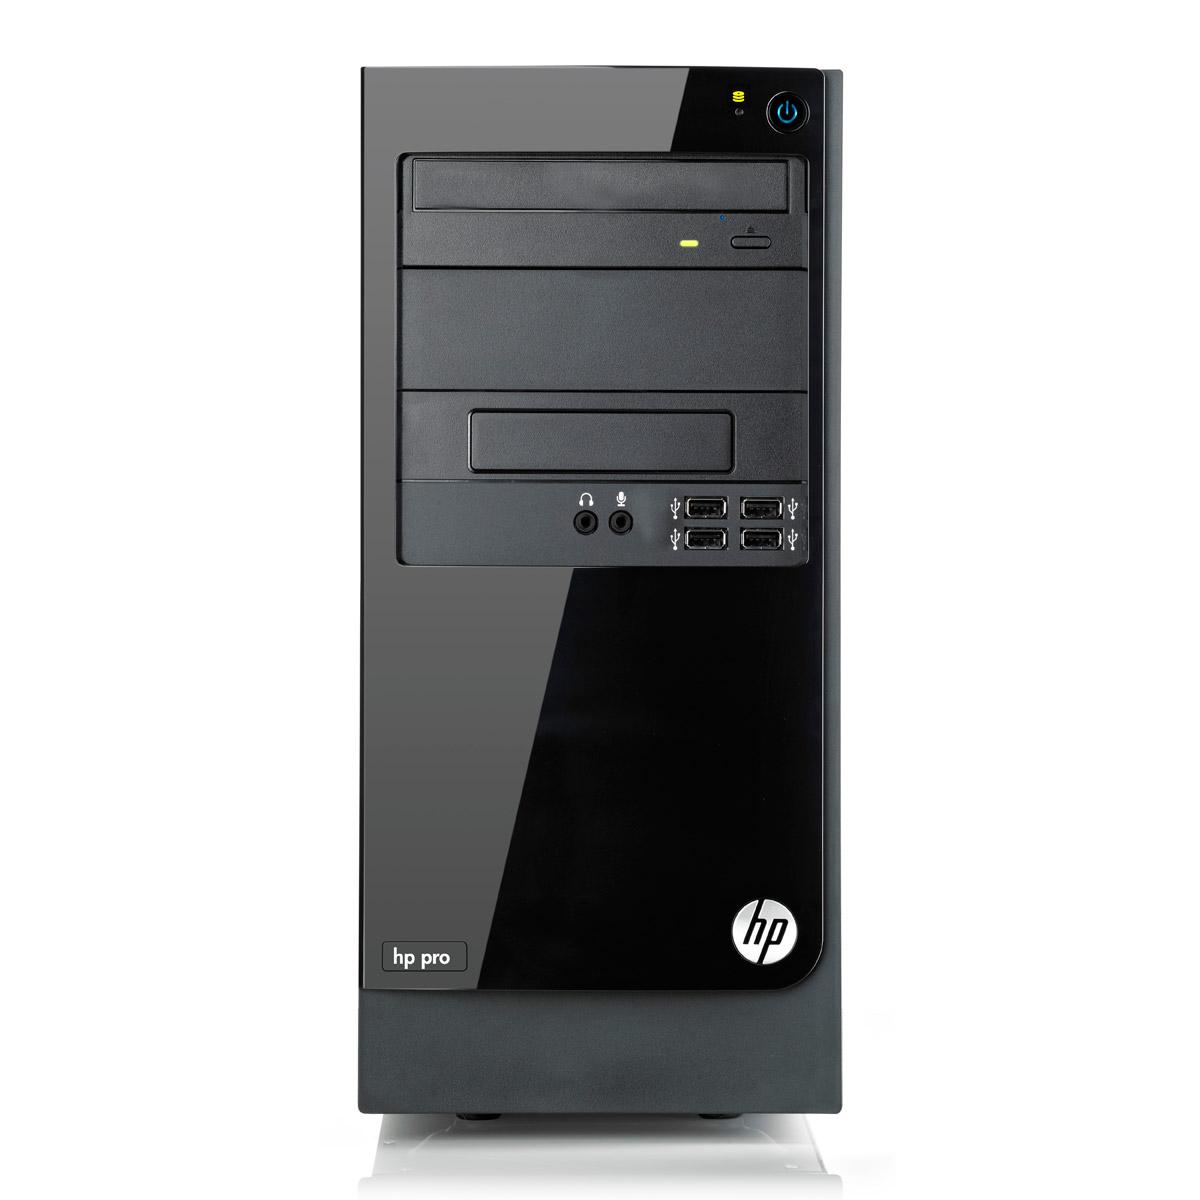 PC de bureau HP Pro 3400 (LH128EA) Intel Pentium G630 2 Go 500 Go Graveur DVD Windows 7 Professionnel 64 bits